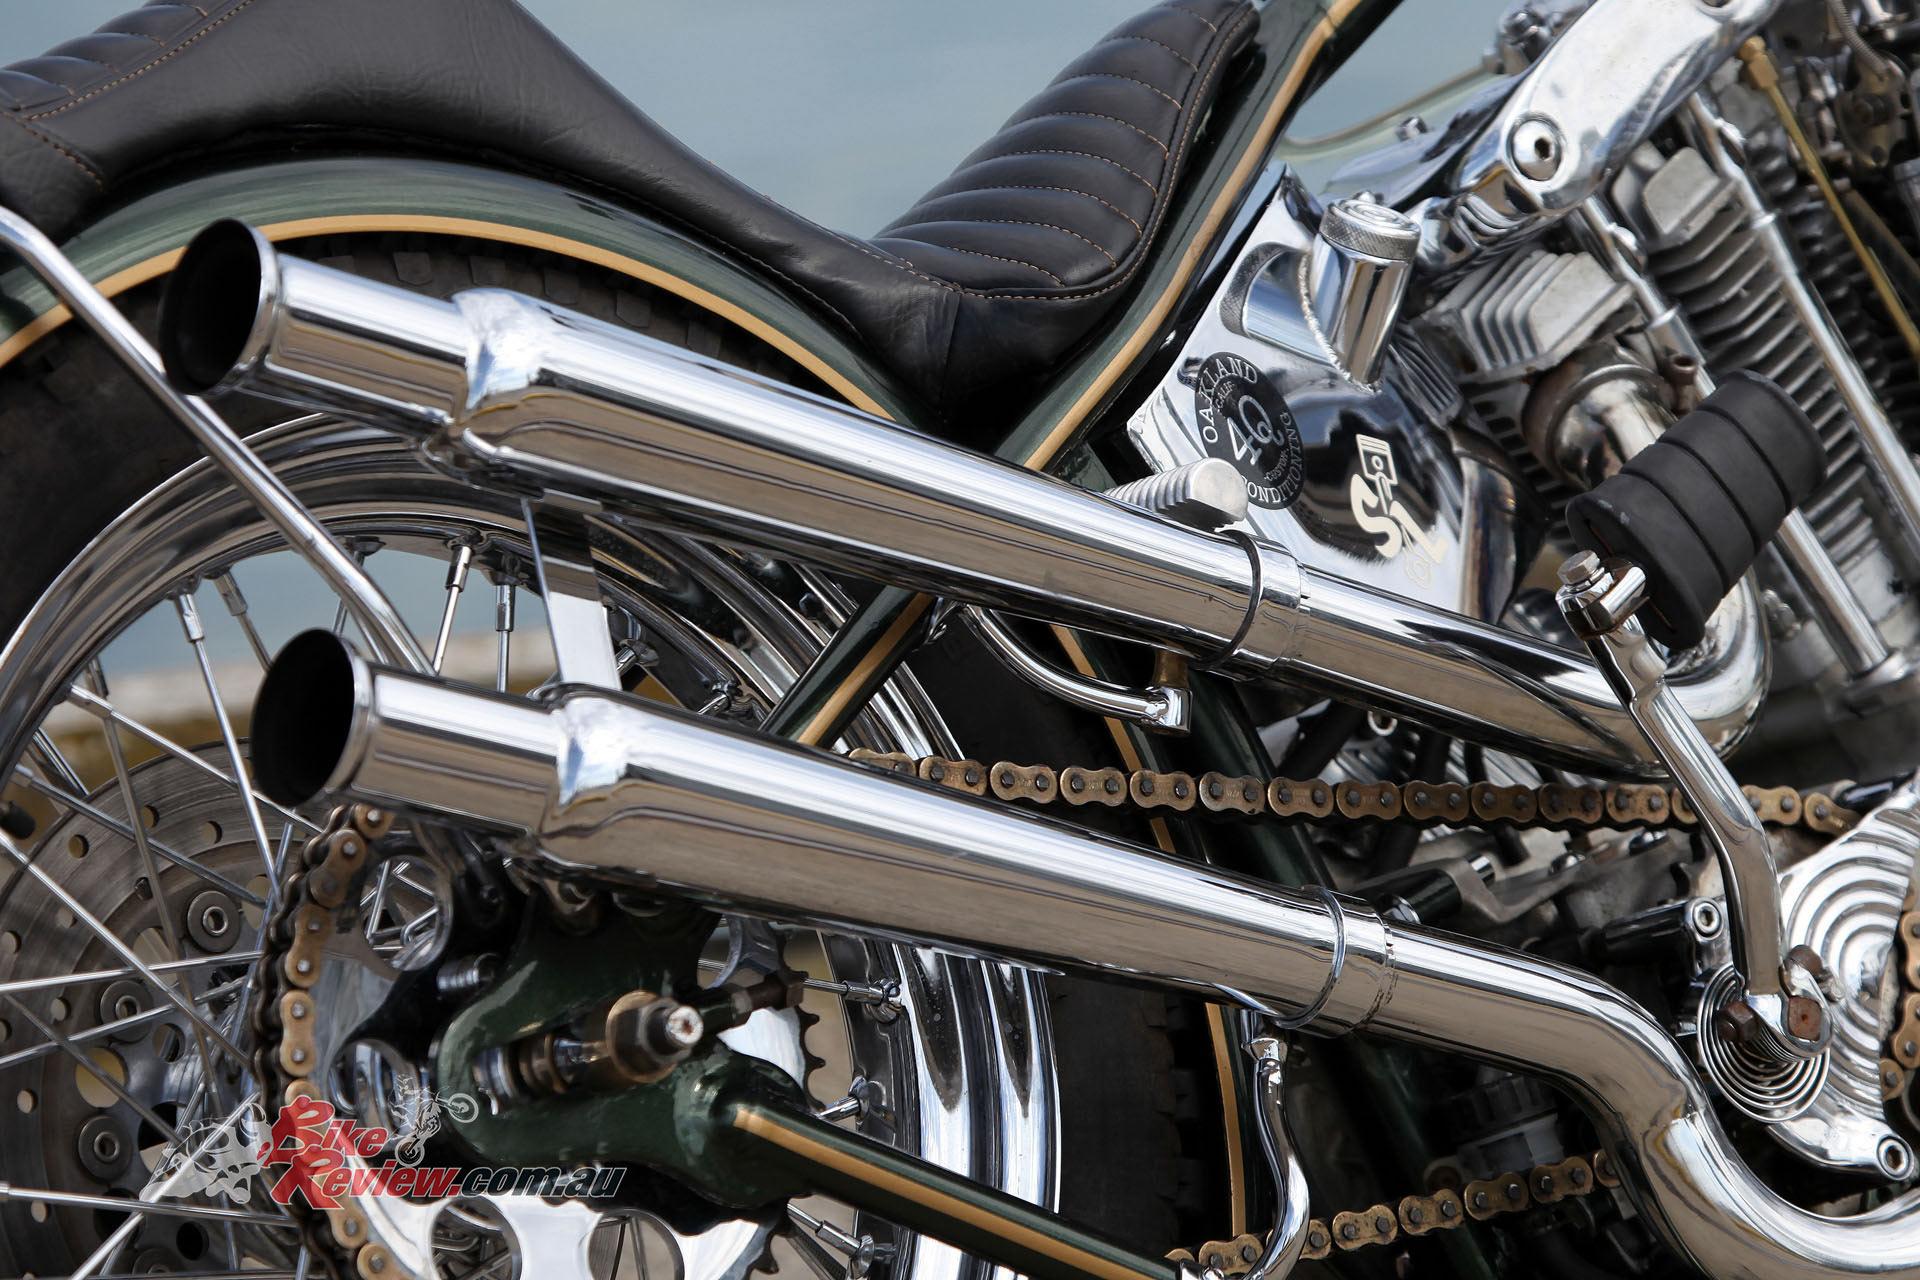 Custom pipes look tops.